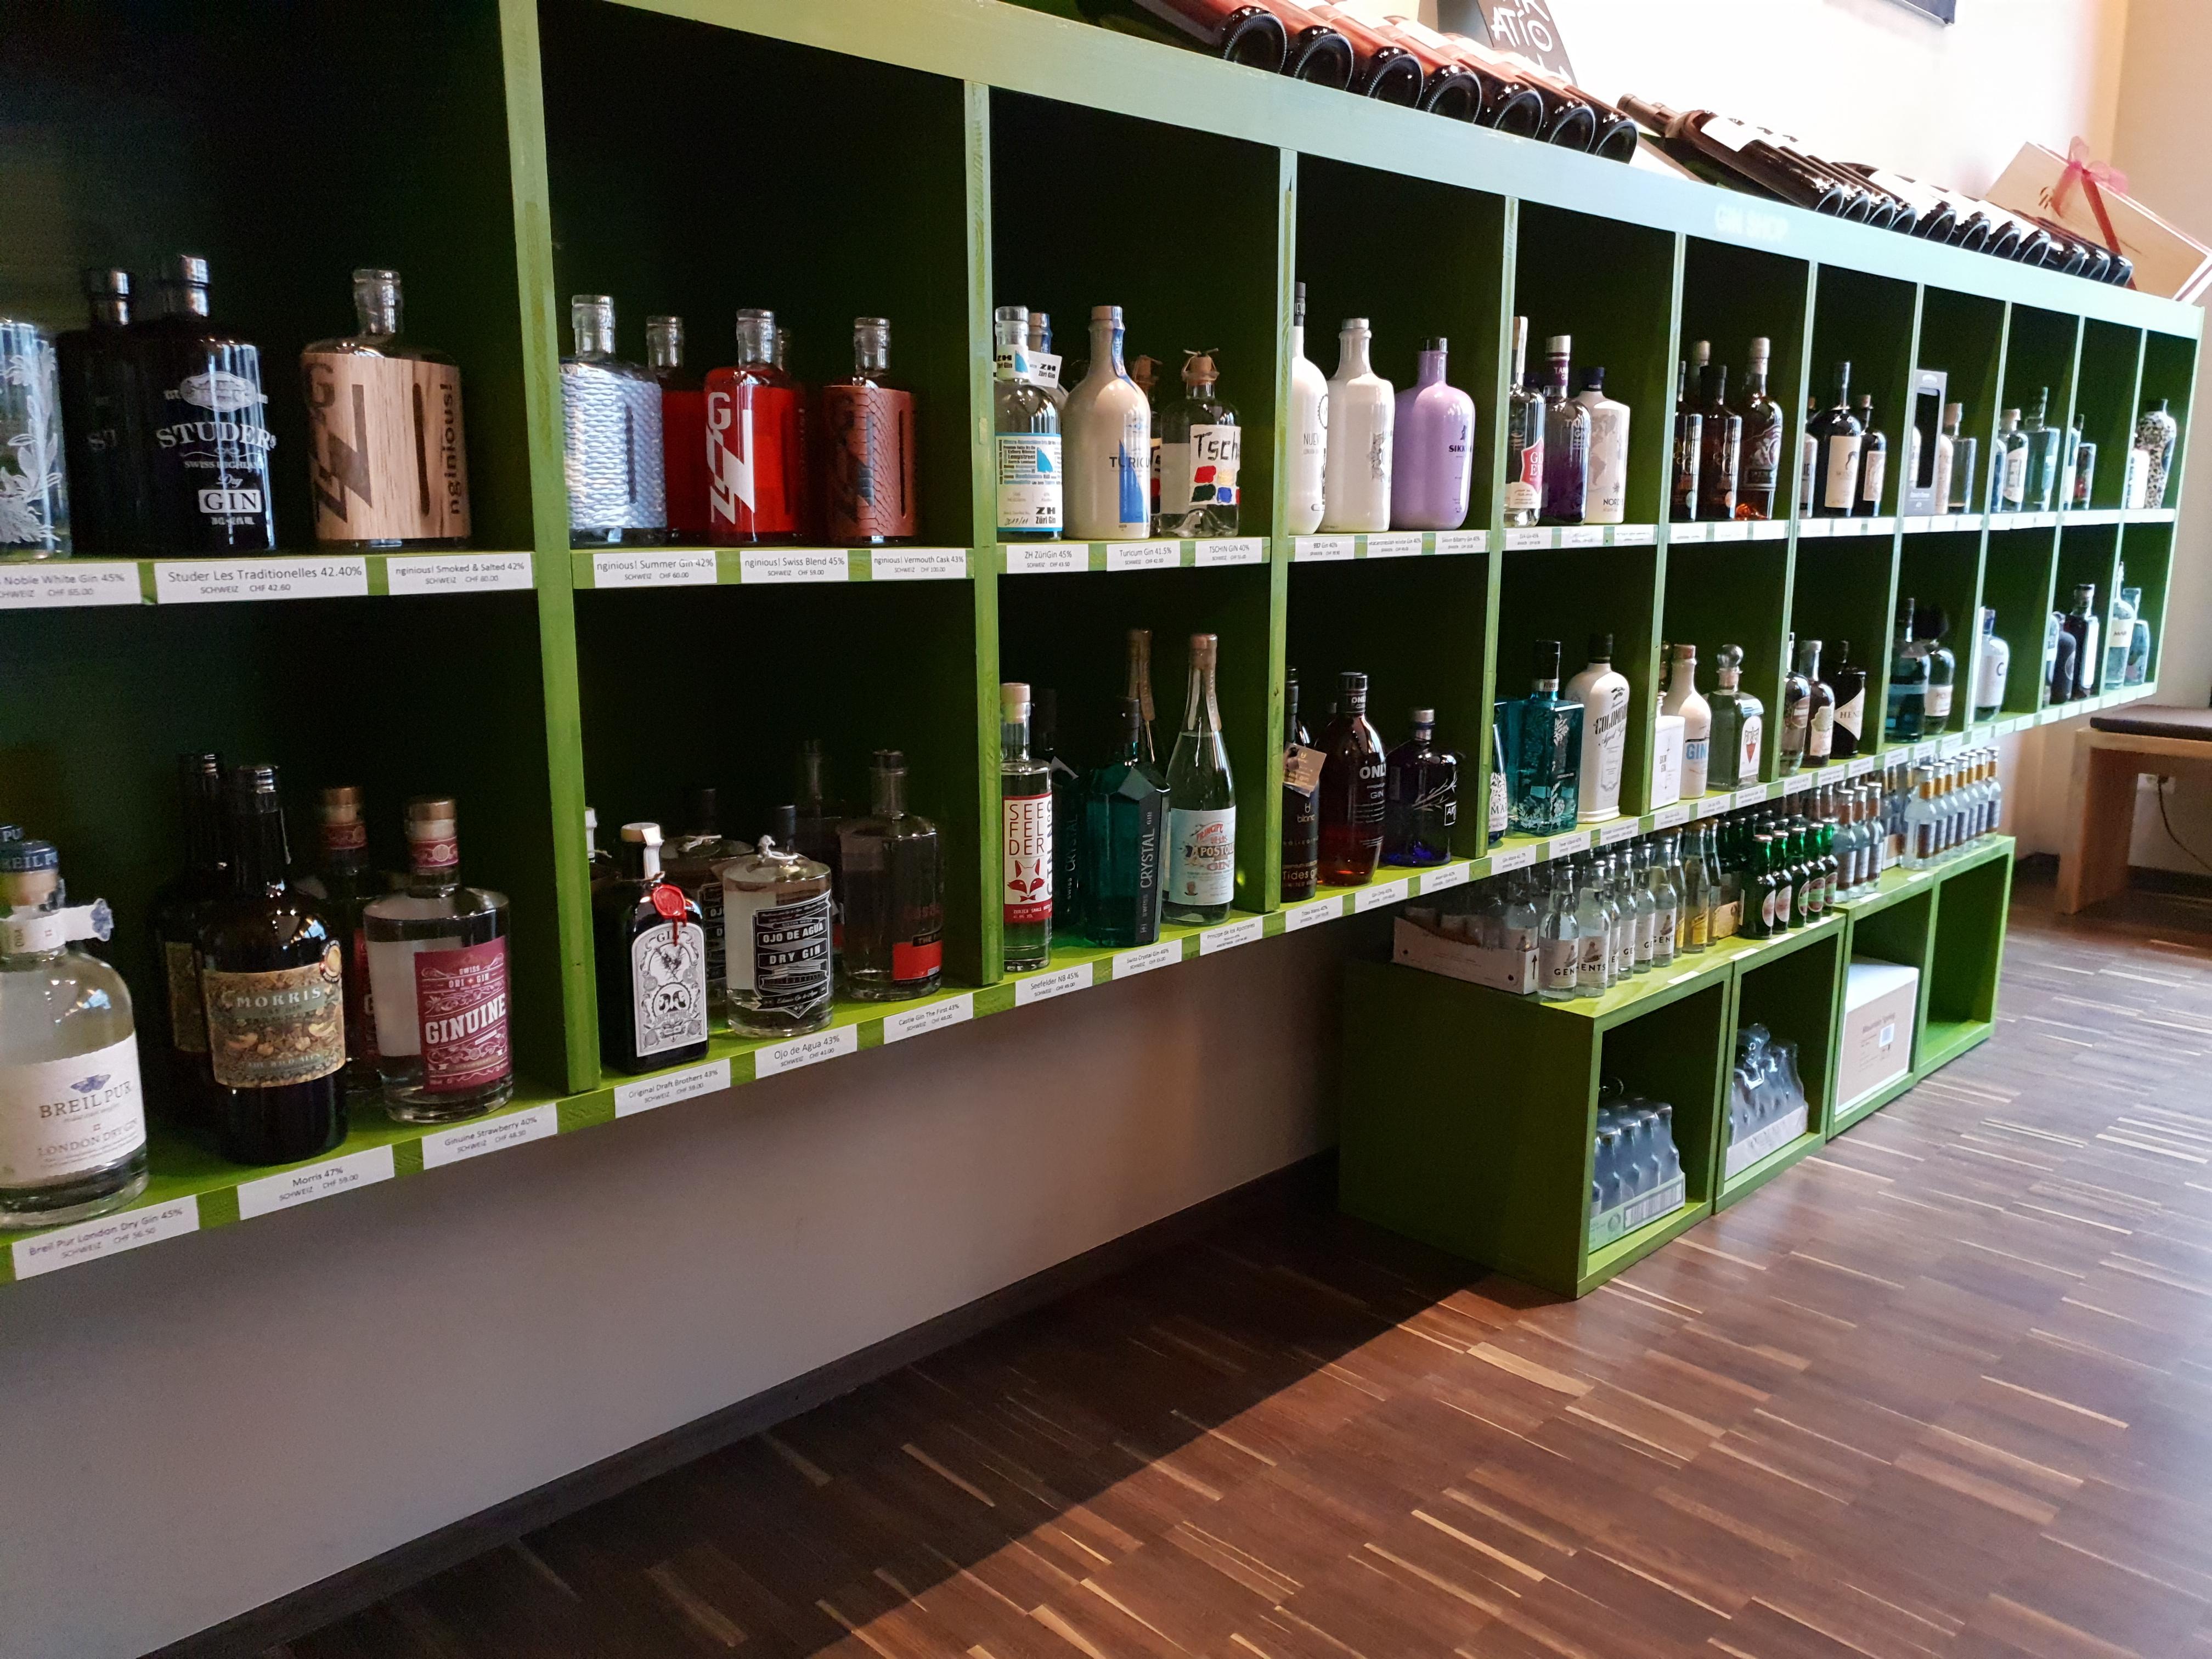 la esquina Gin Shop